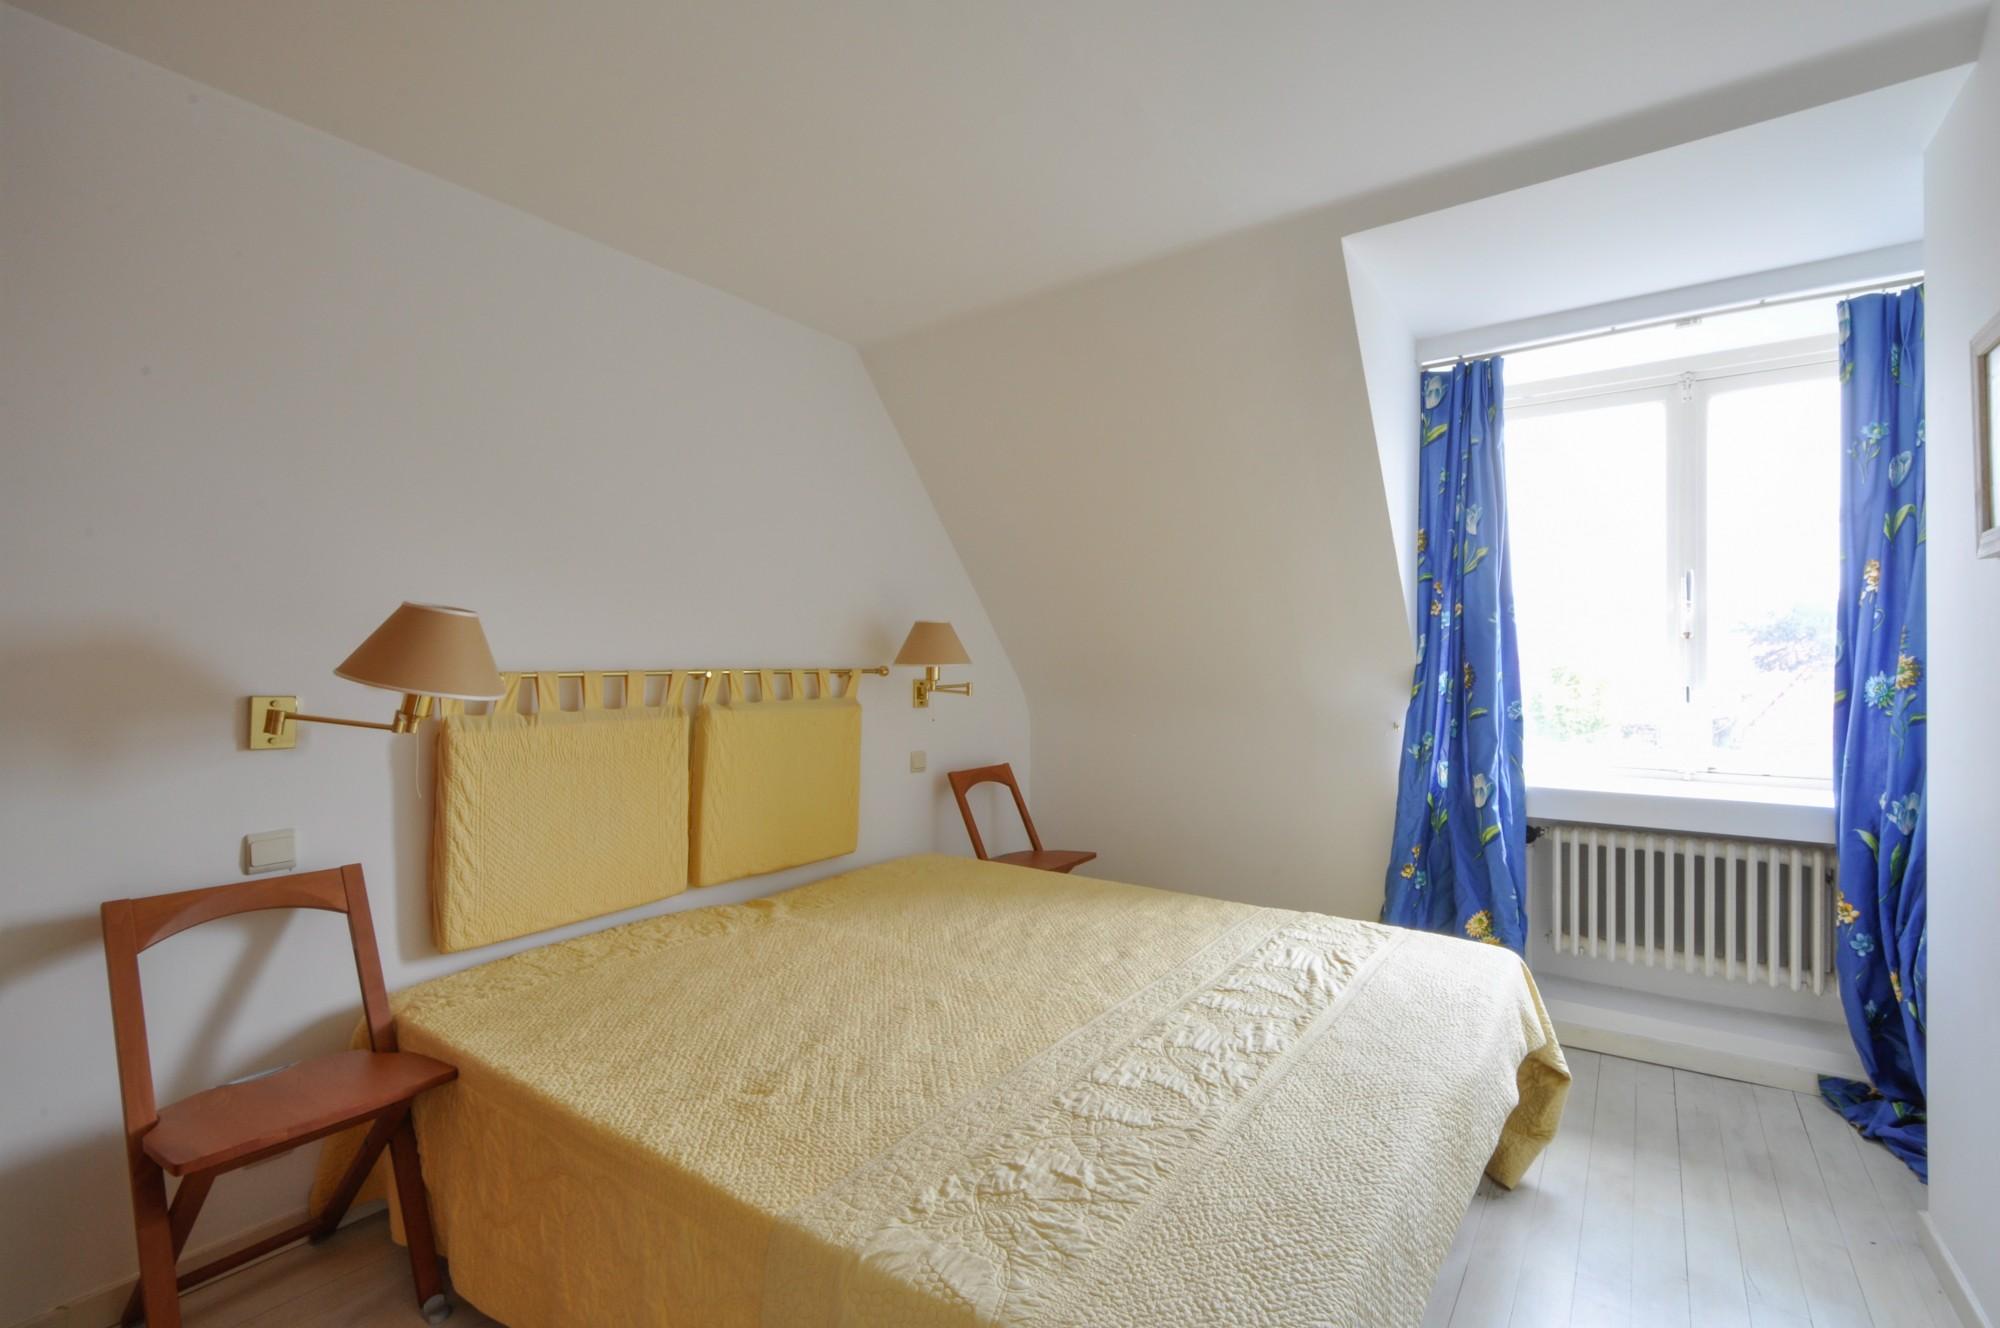 Vente Appartement 2 CH Knokke-Zoute - Garden House / Eglise des Pères Dominicains